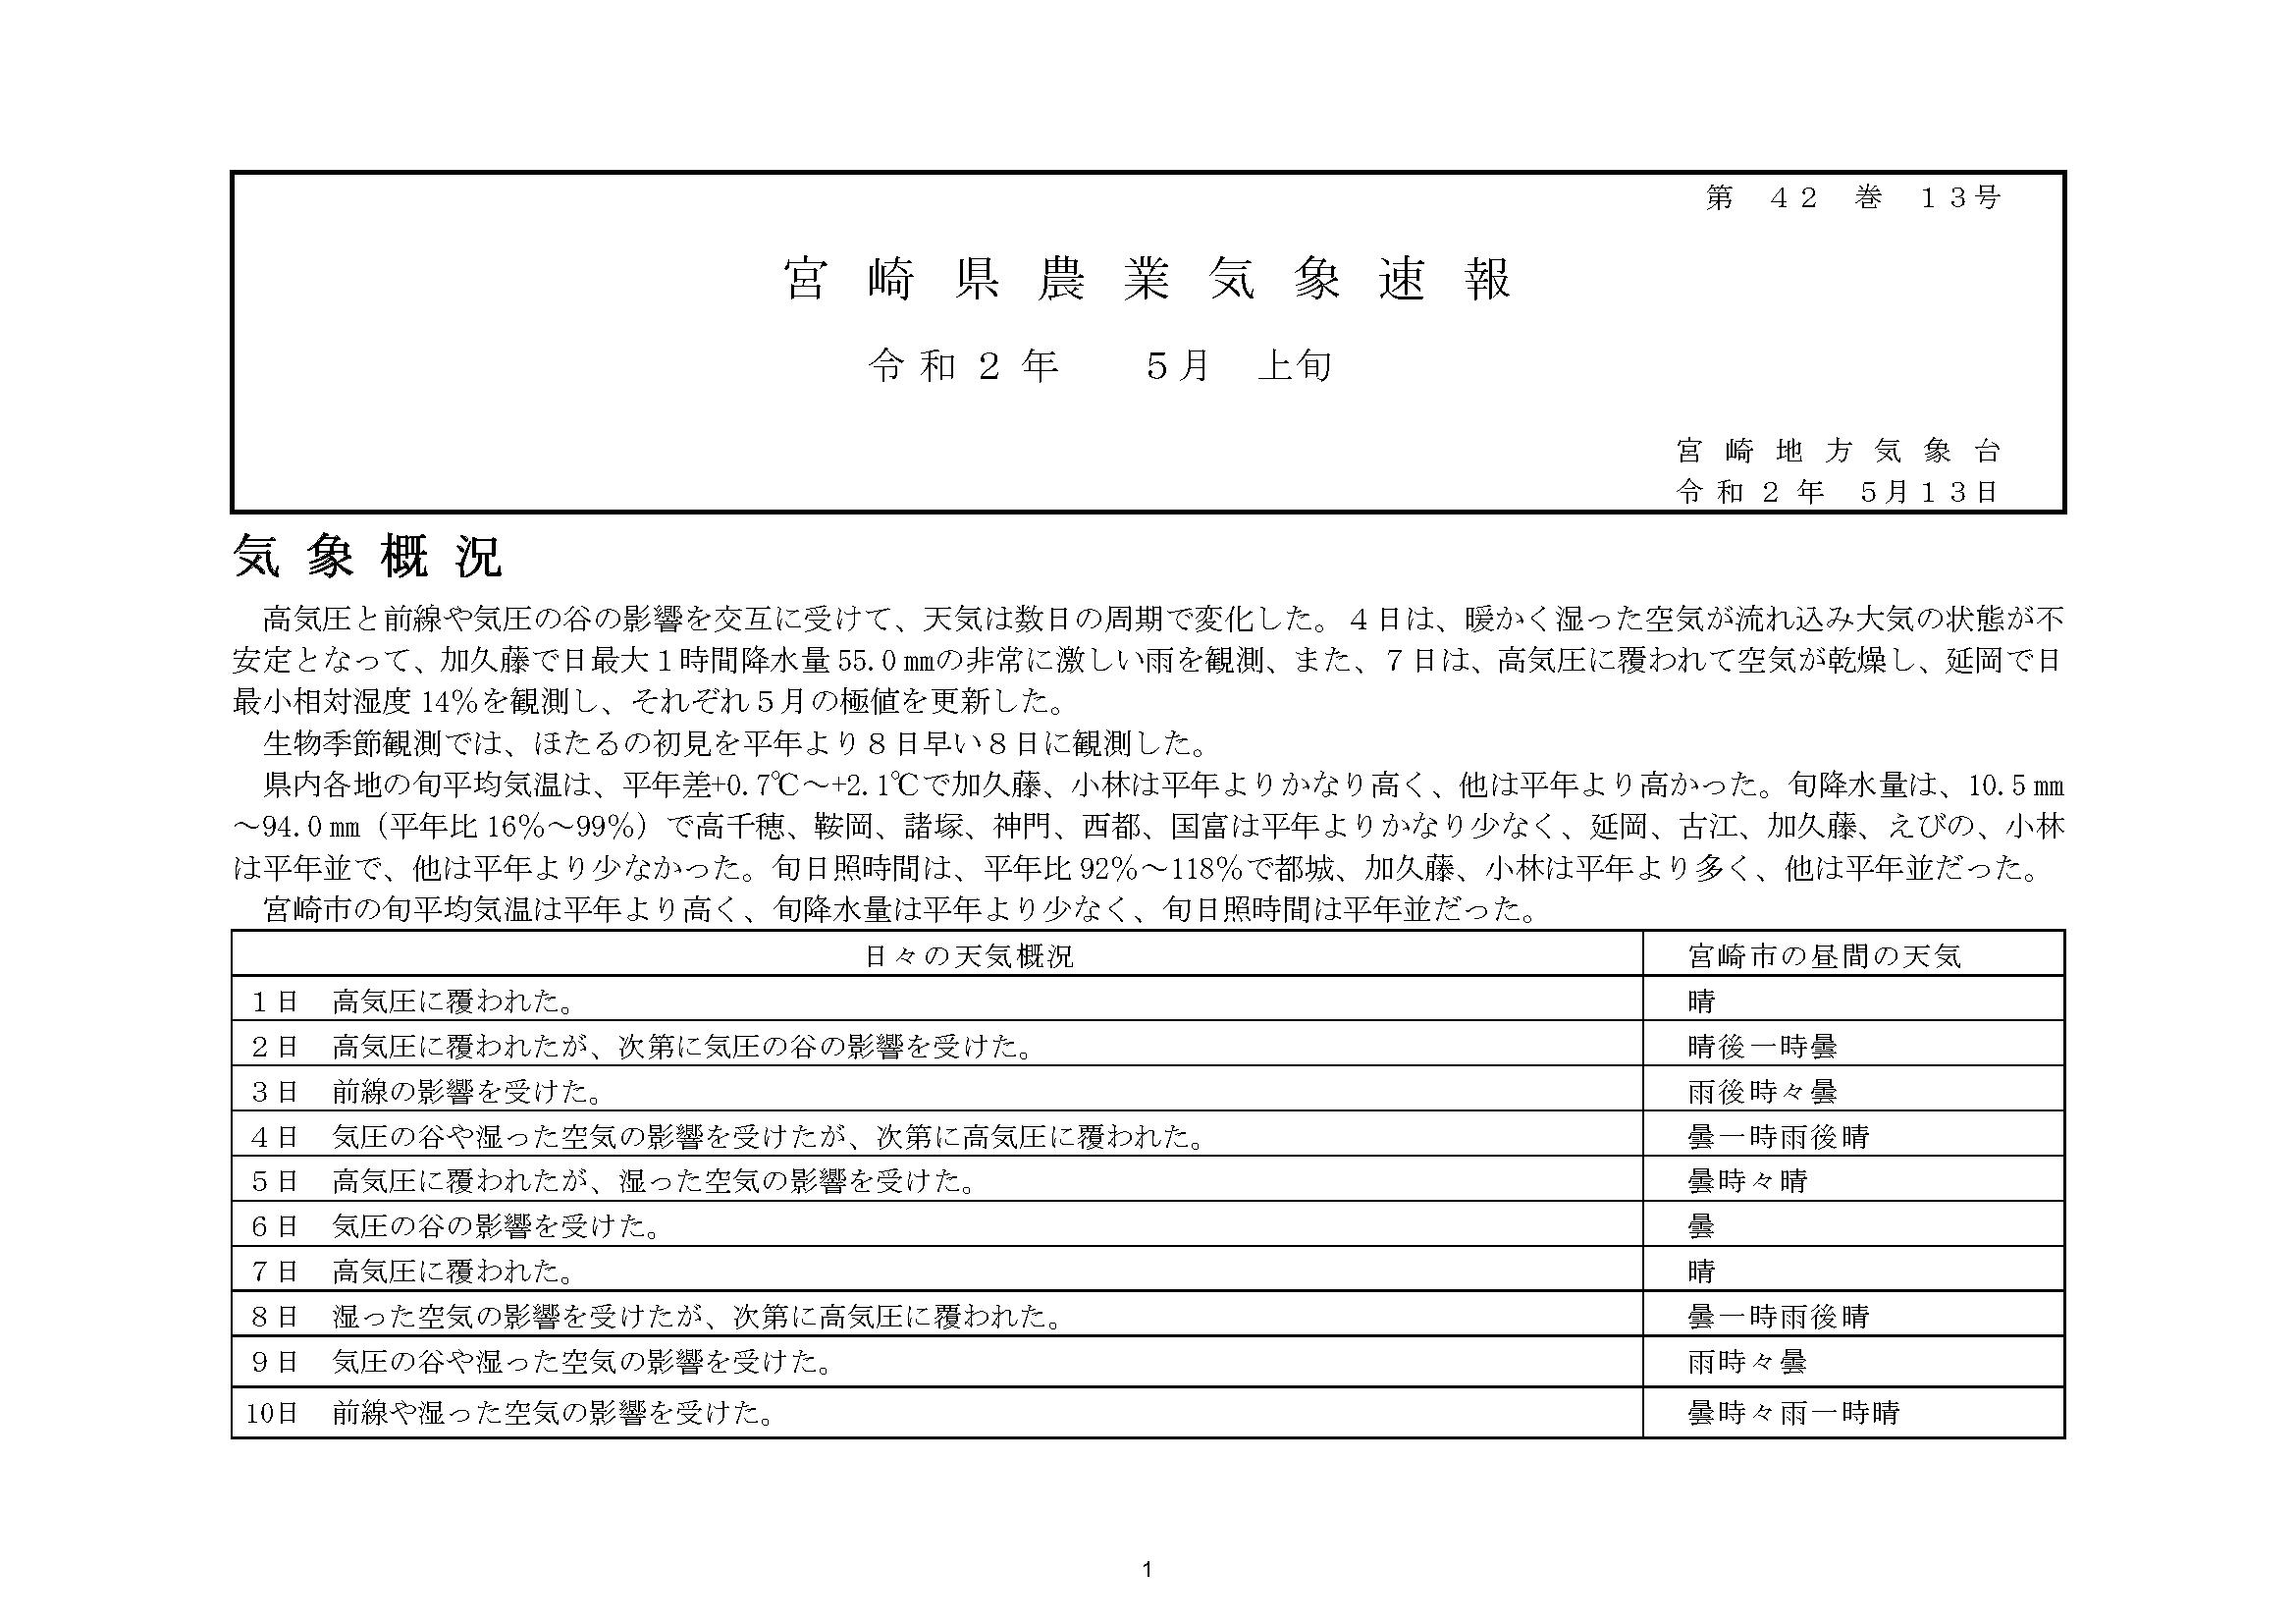 宮崎県農業気象速報令和2年5月上旬PDF